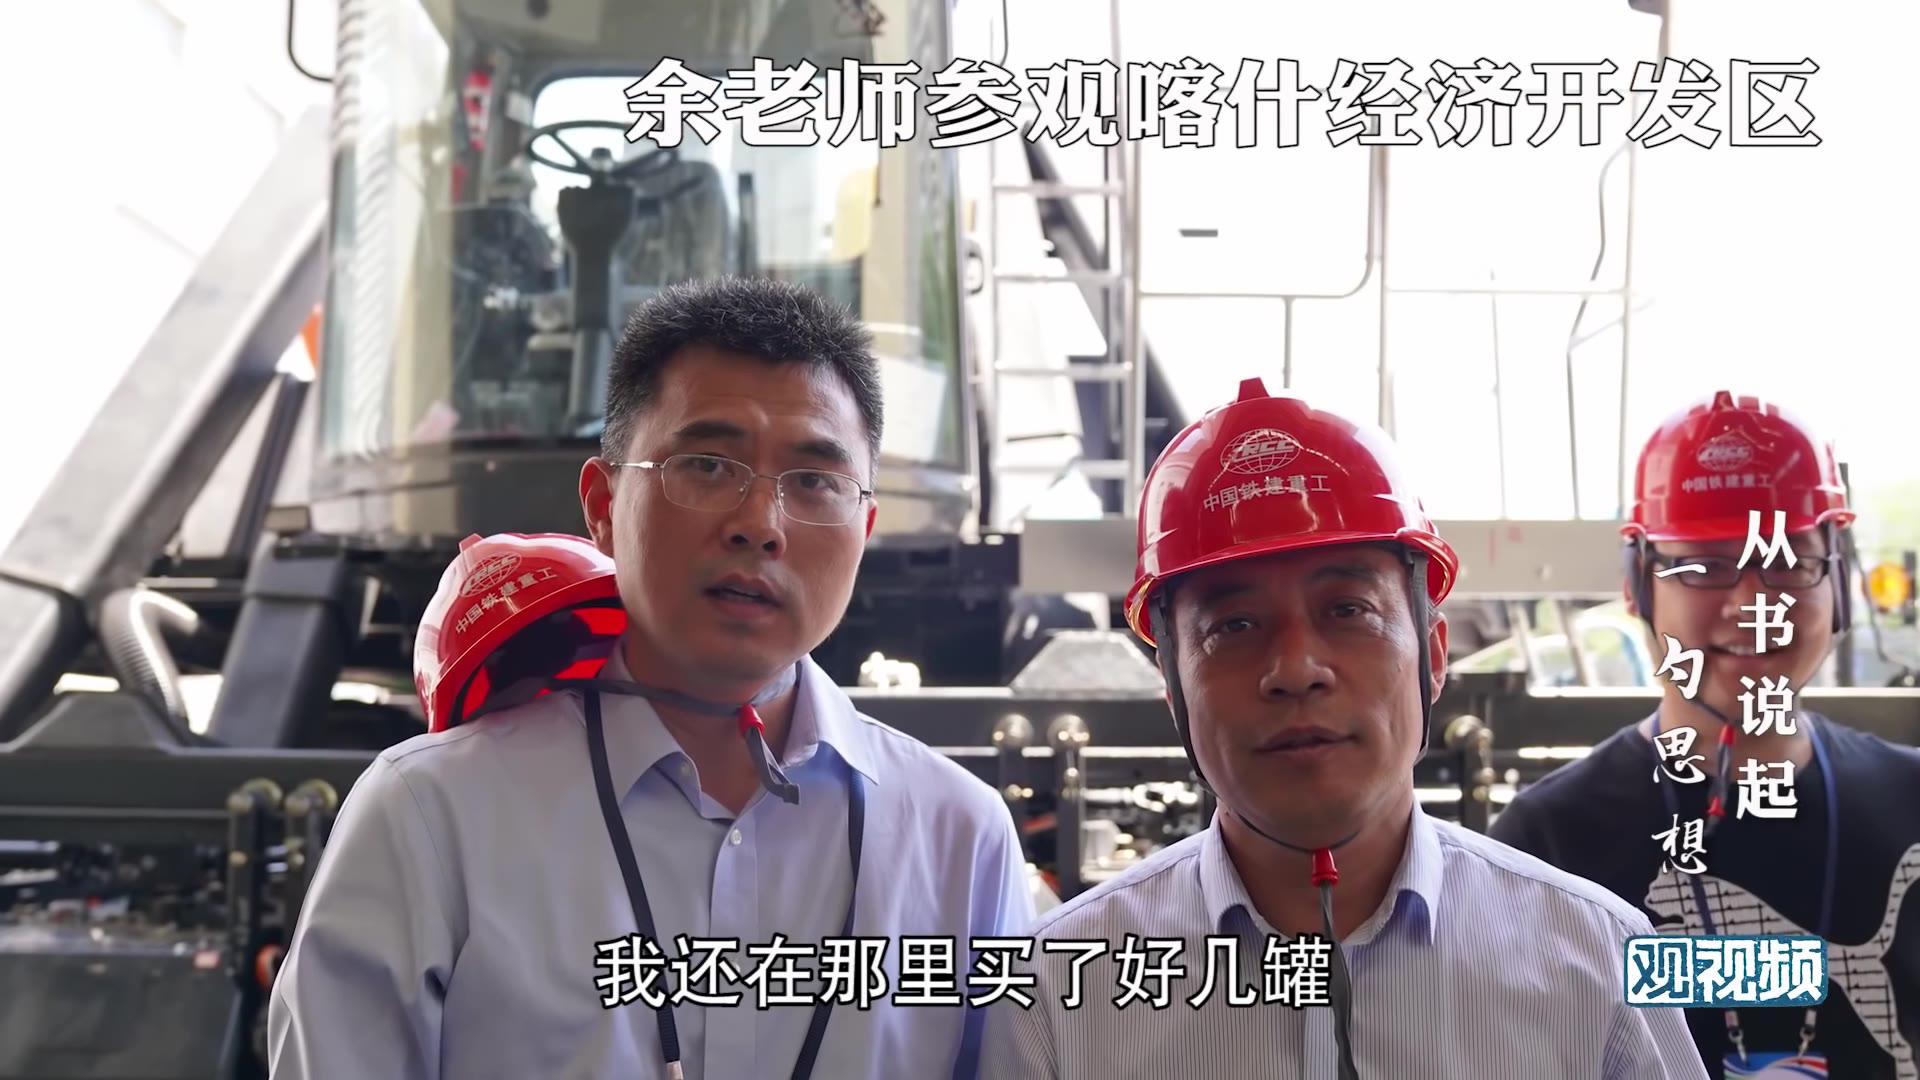 余亮:西方唤醒了中国的产业供应链,然后自己躺平了……